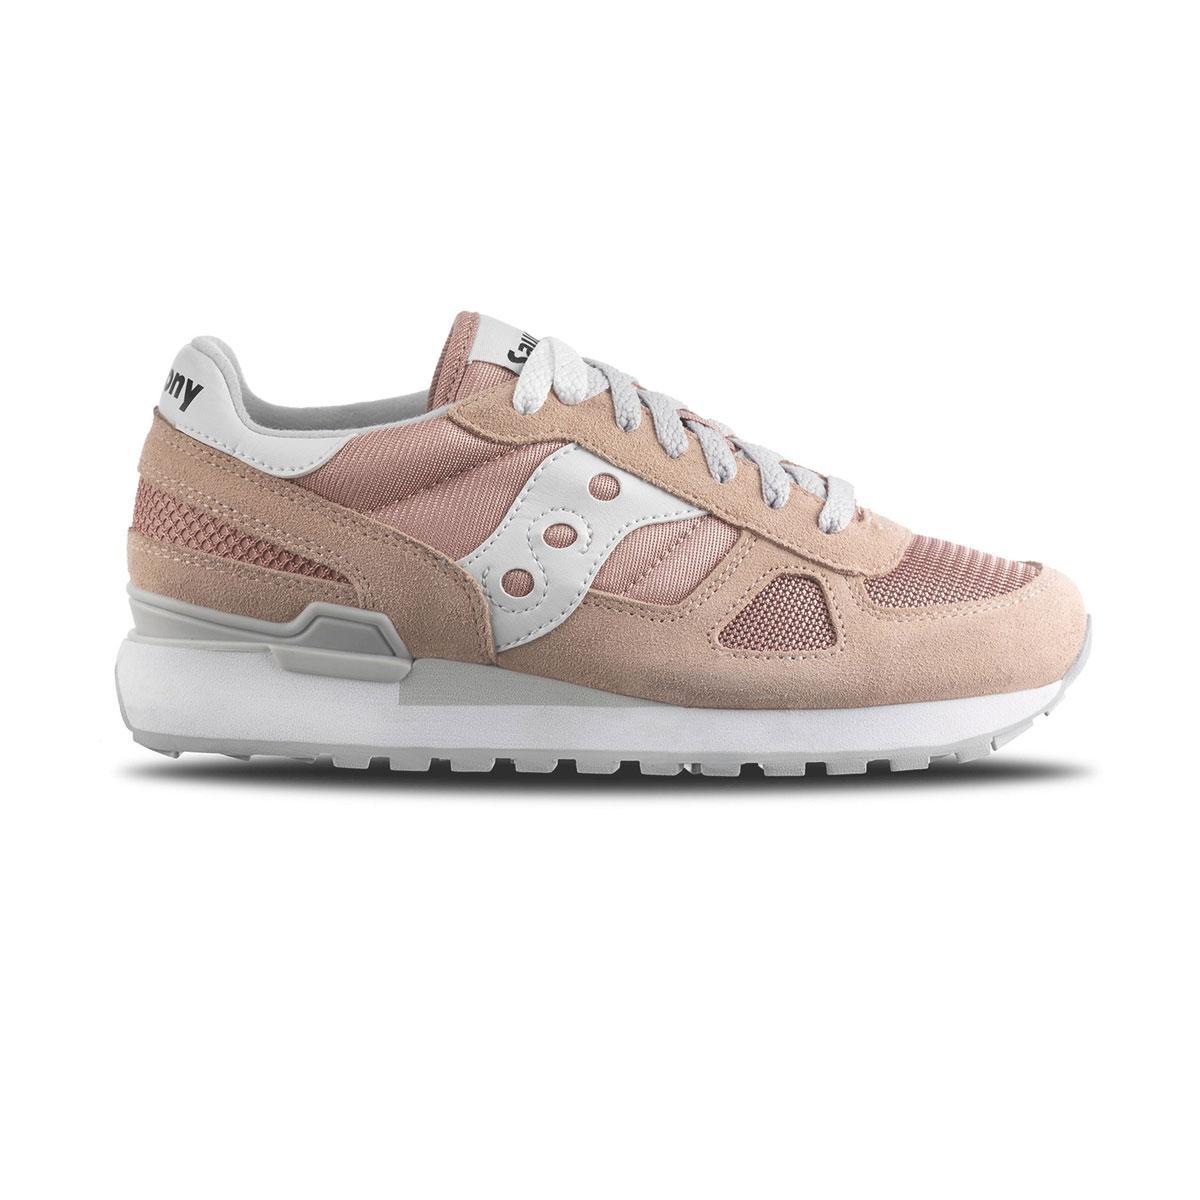 Scarpe Sneakers Saucony  Shadow Original da donna rif. S1108-679